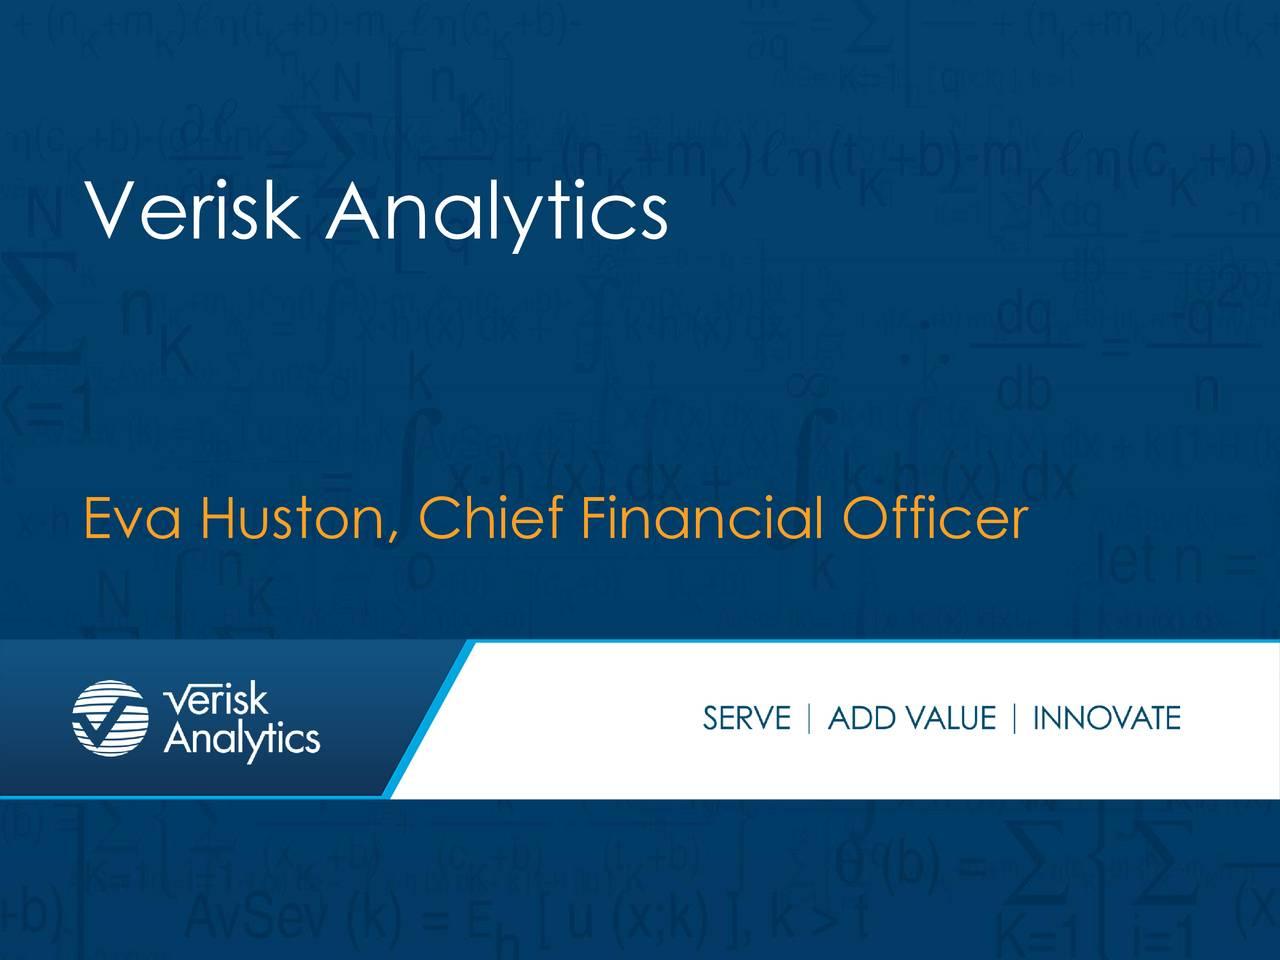 Eva Huston, Chief Financial Officer